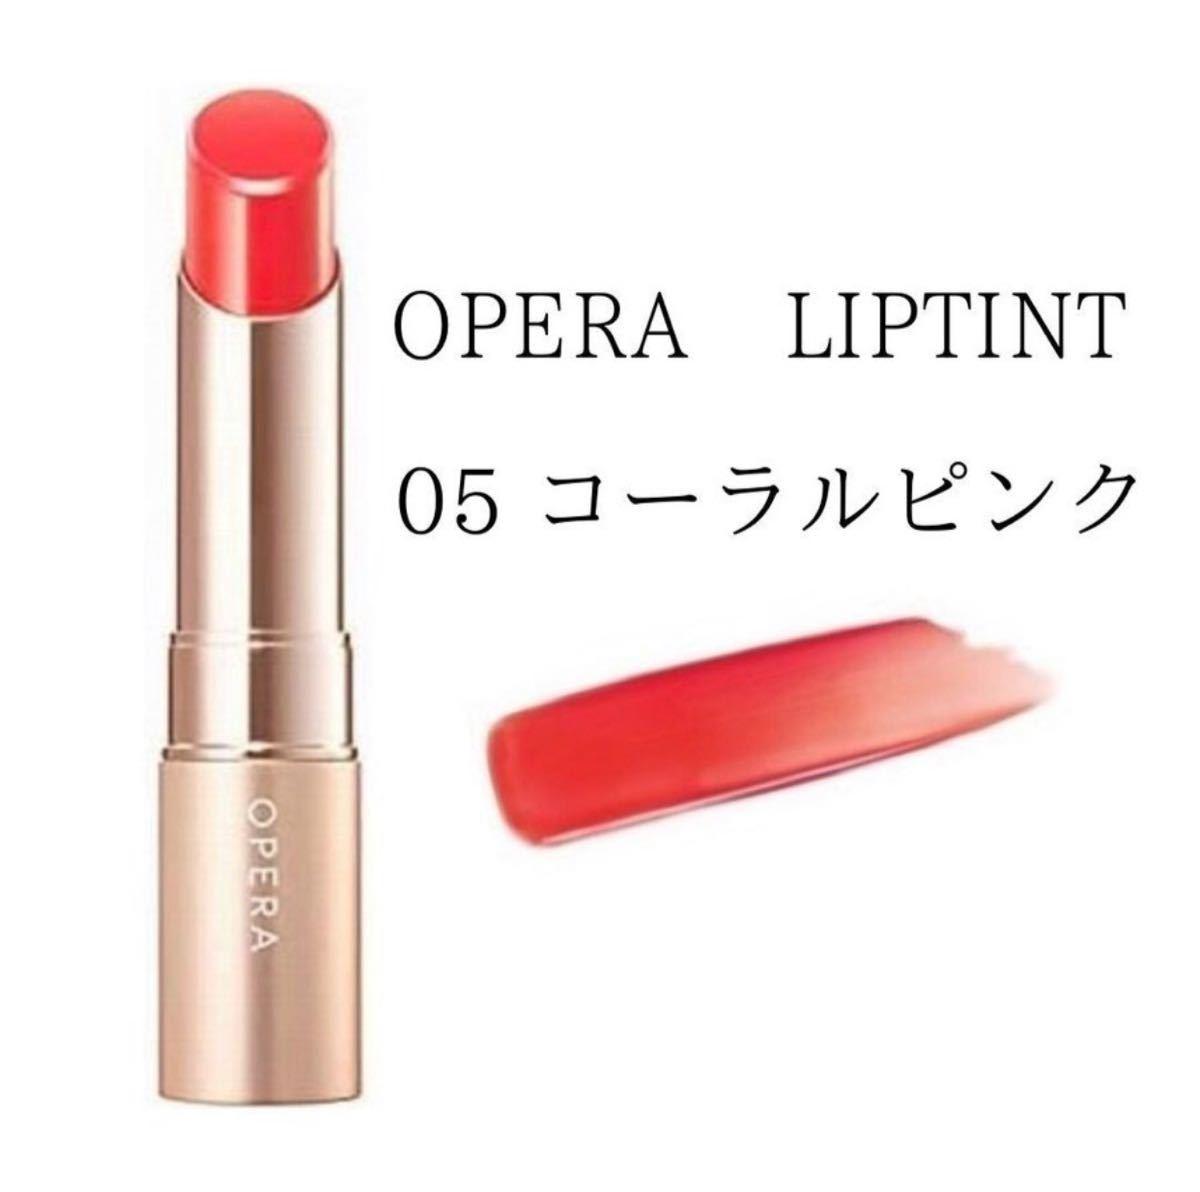 OPERA  ティントオイルルージュ 05 Opera コーラルピンク